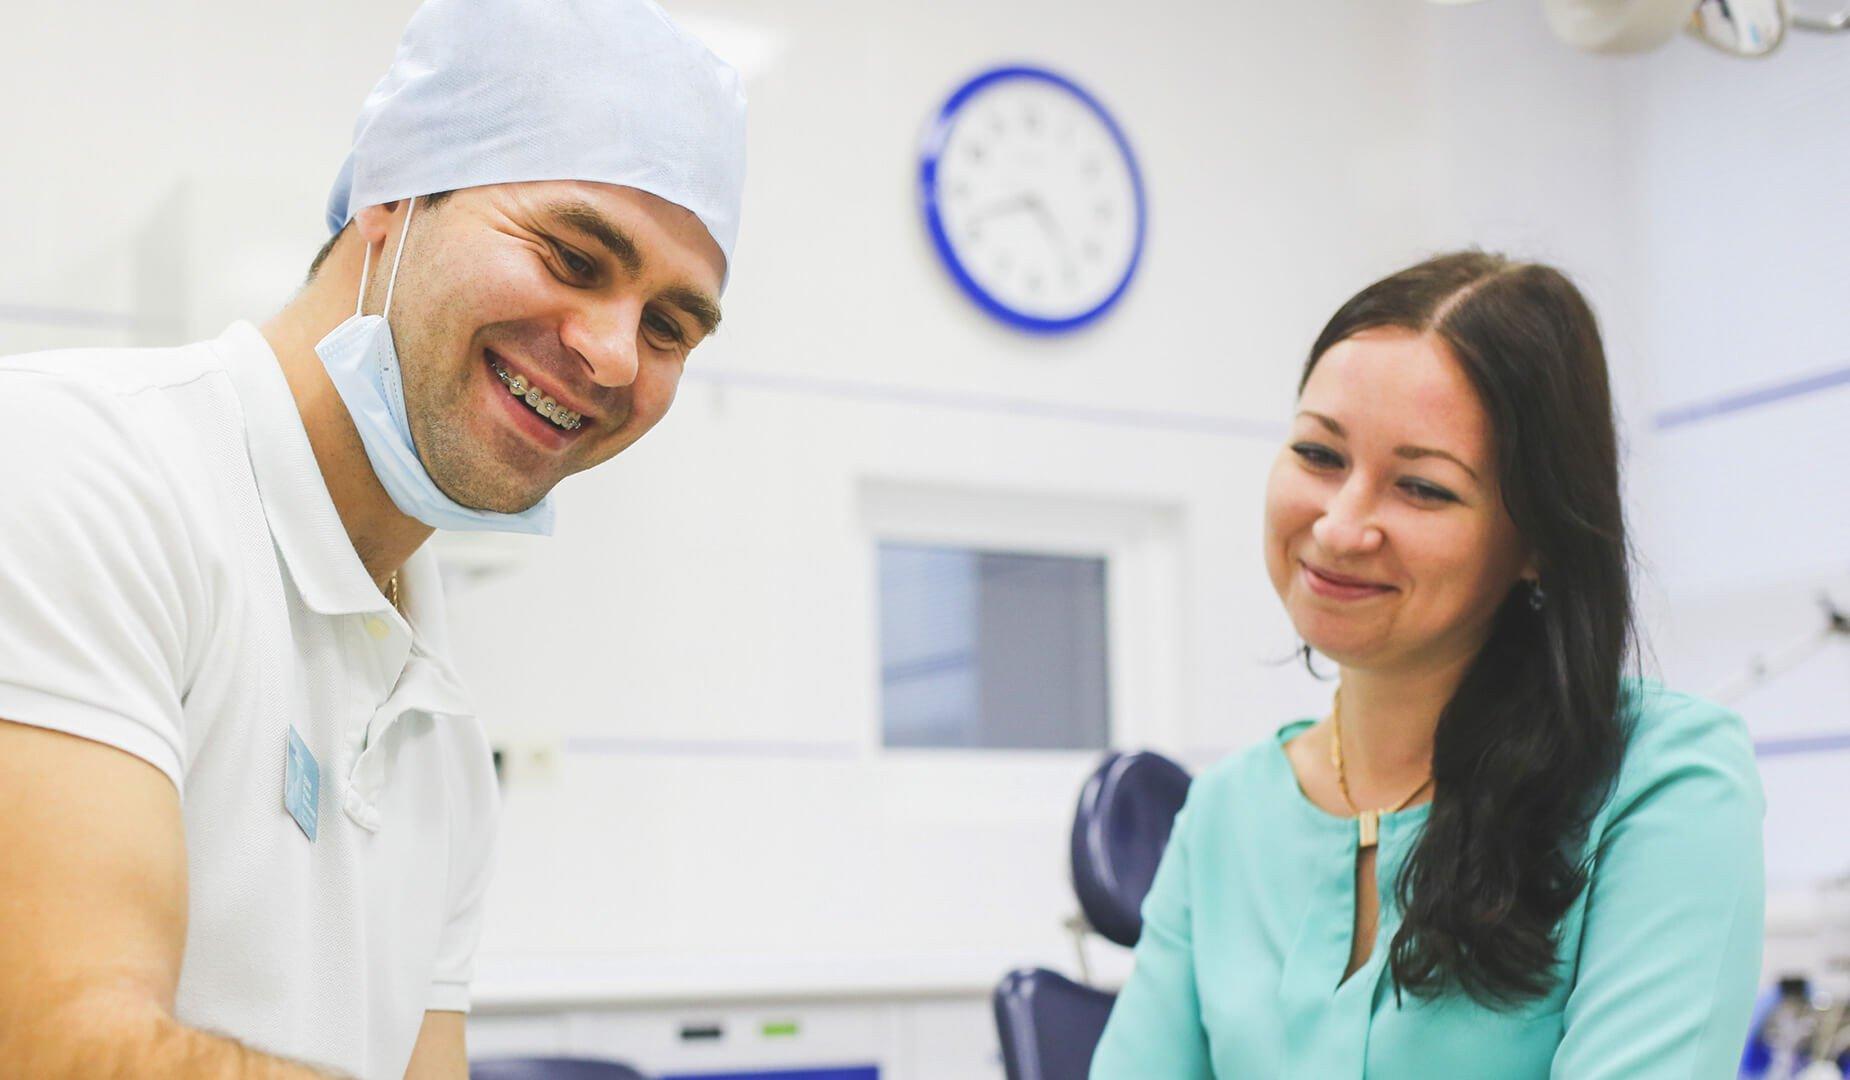 Врач беседует с пациентой о предстоящем лечении